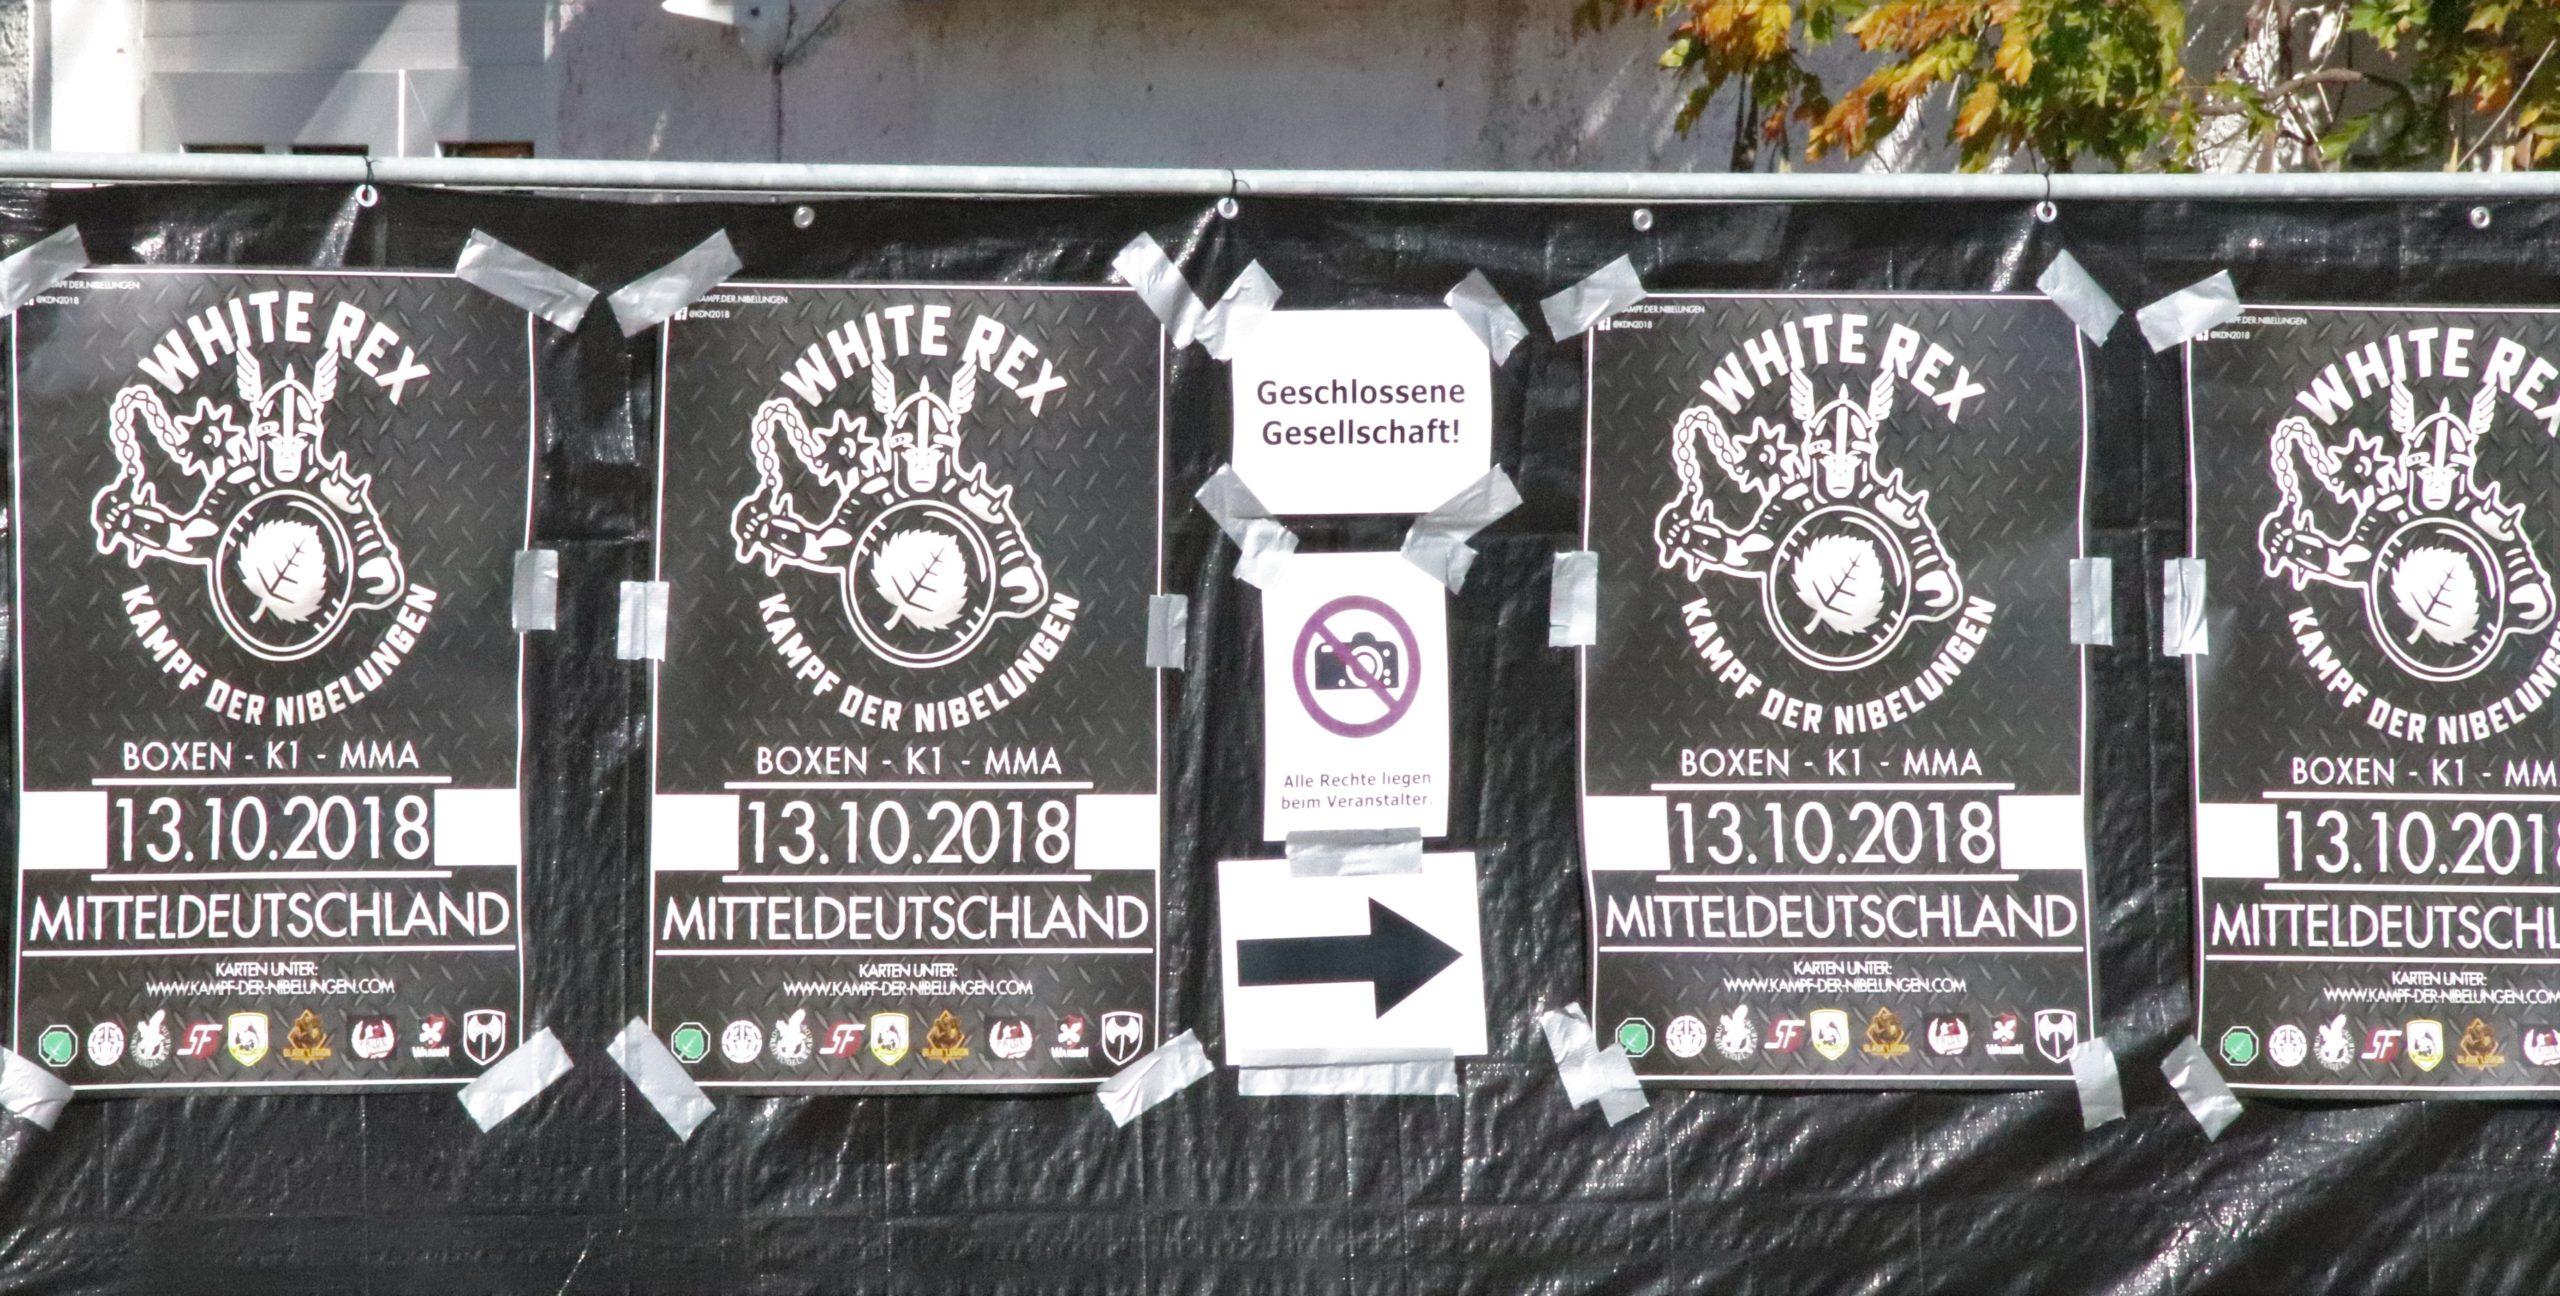 """""""Es geht hier um nationalsozialistische Kampfvorbereitungen"""" – Einblicke in die rechtsextreme Kampfsportszene"""